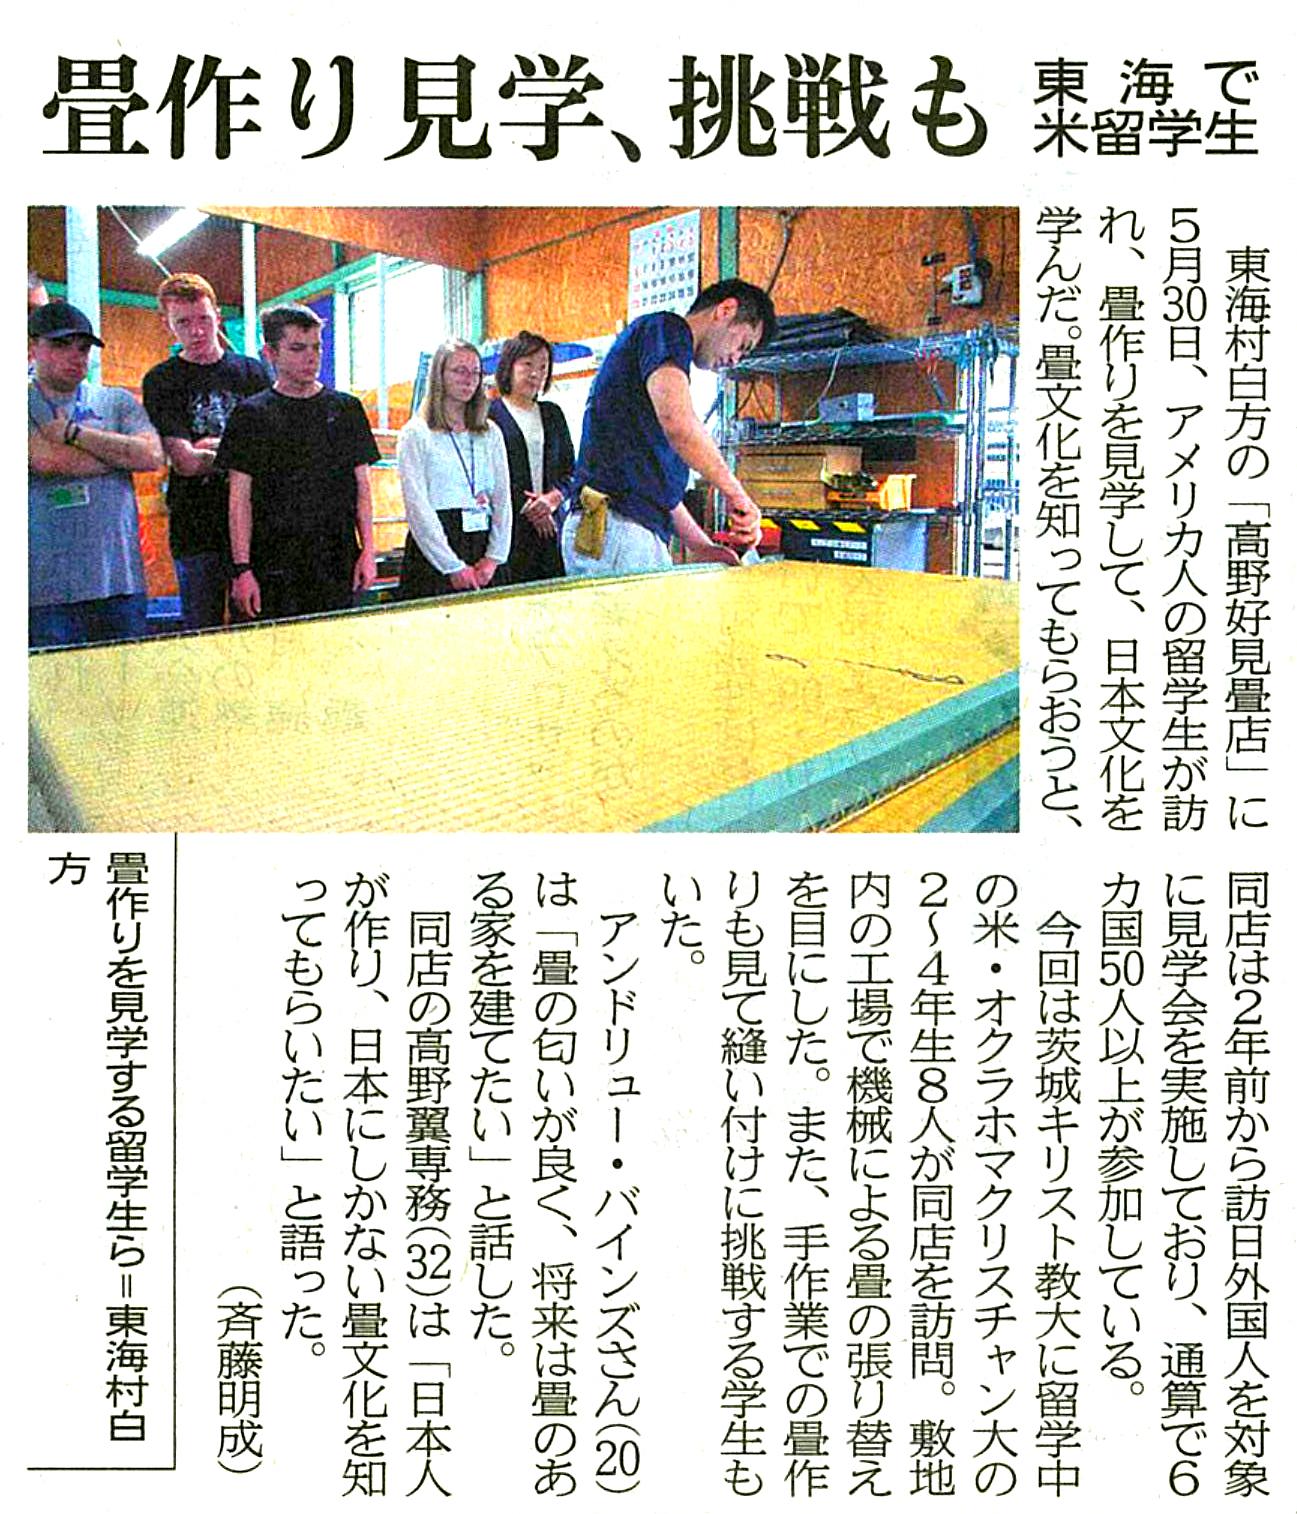 茨城新聞で当店が紹介されました。